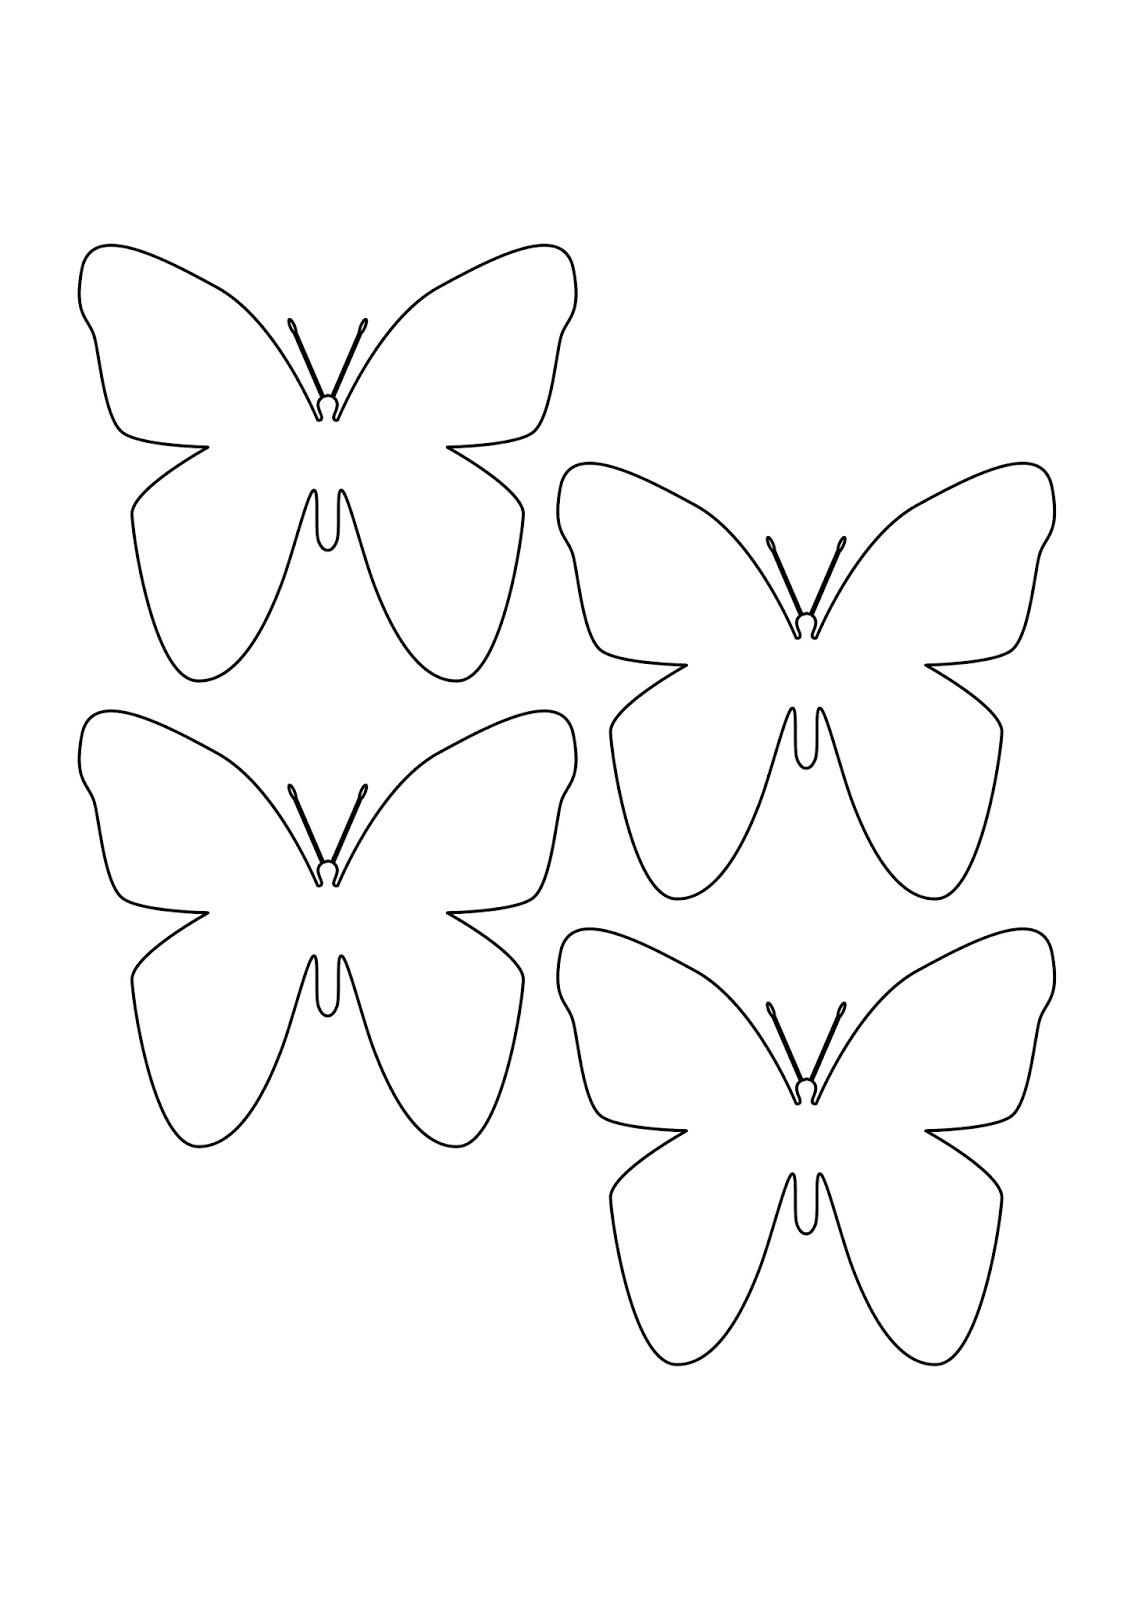 Farfalle di carta per decorare pareti e oggetti creare for Immagini farfalle da ritagliare